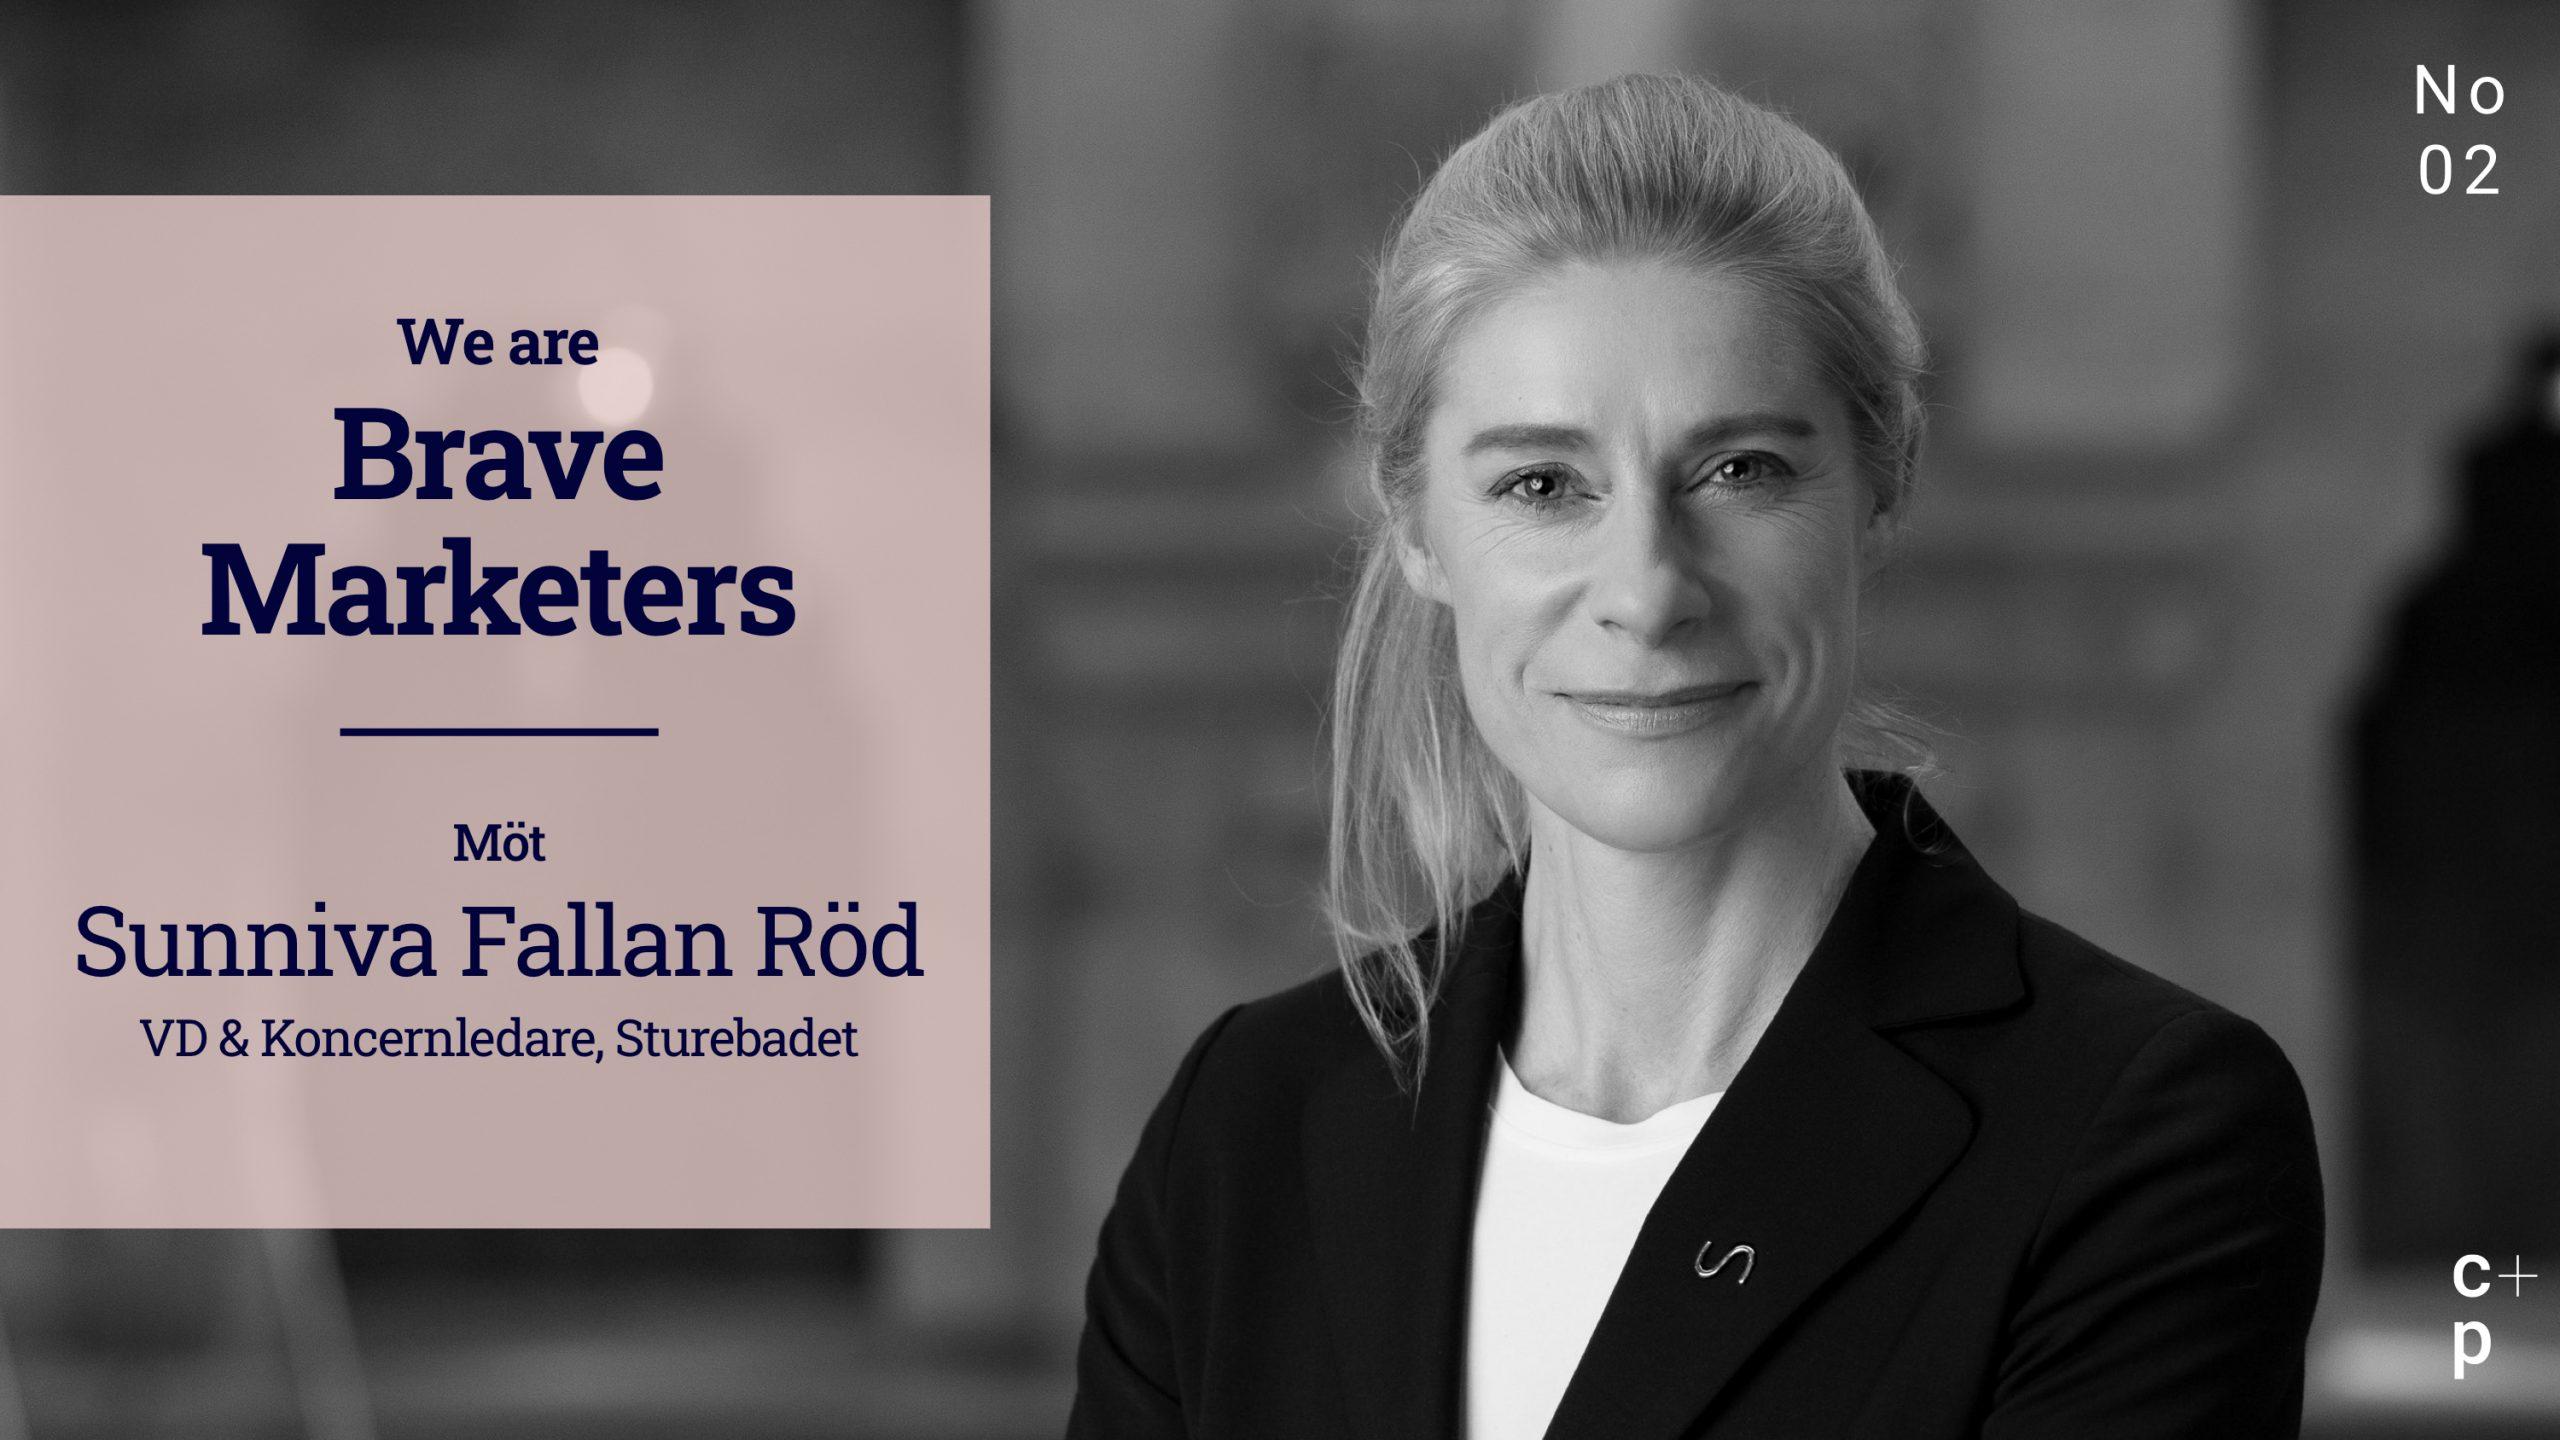 We are Brave Marketers - Sunniva Fallan Röd